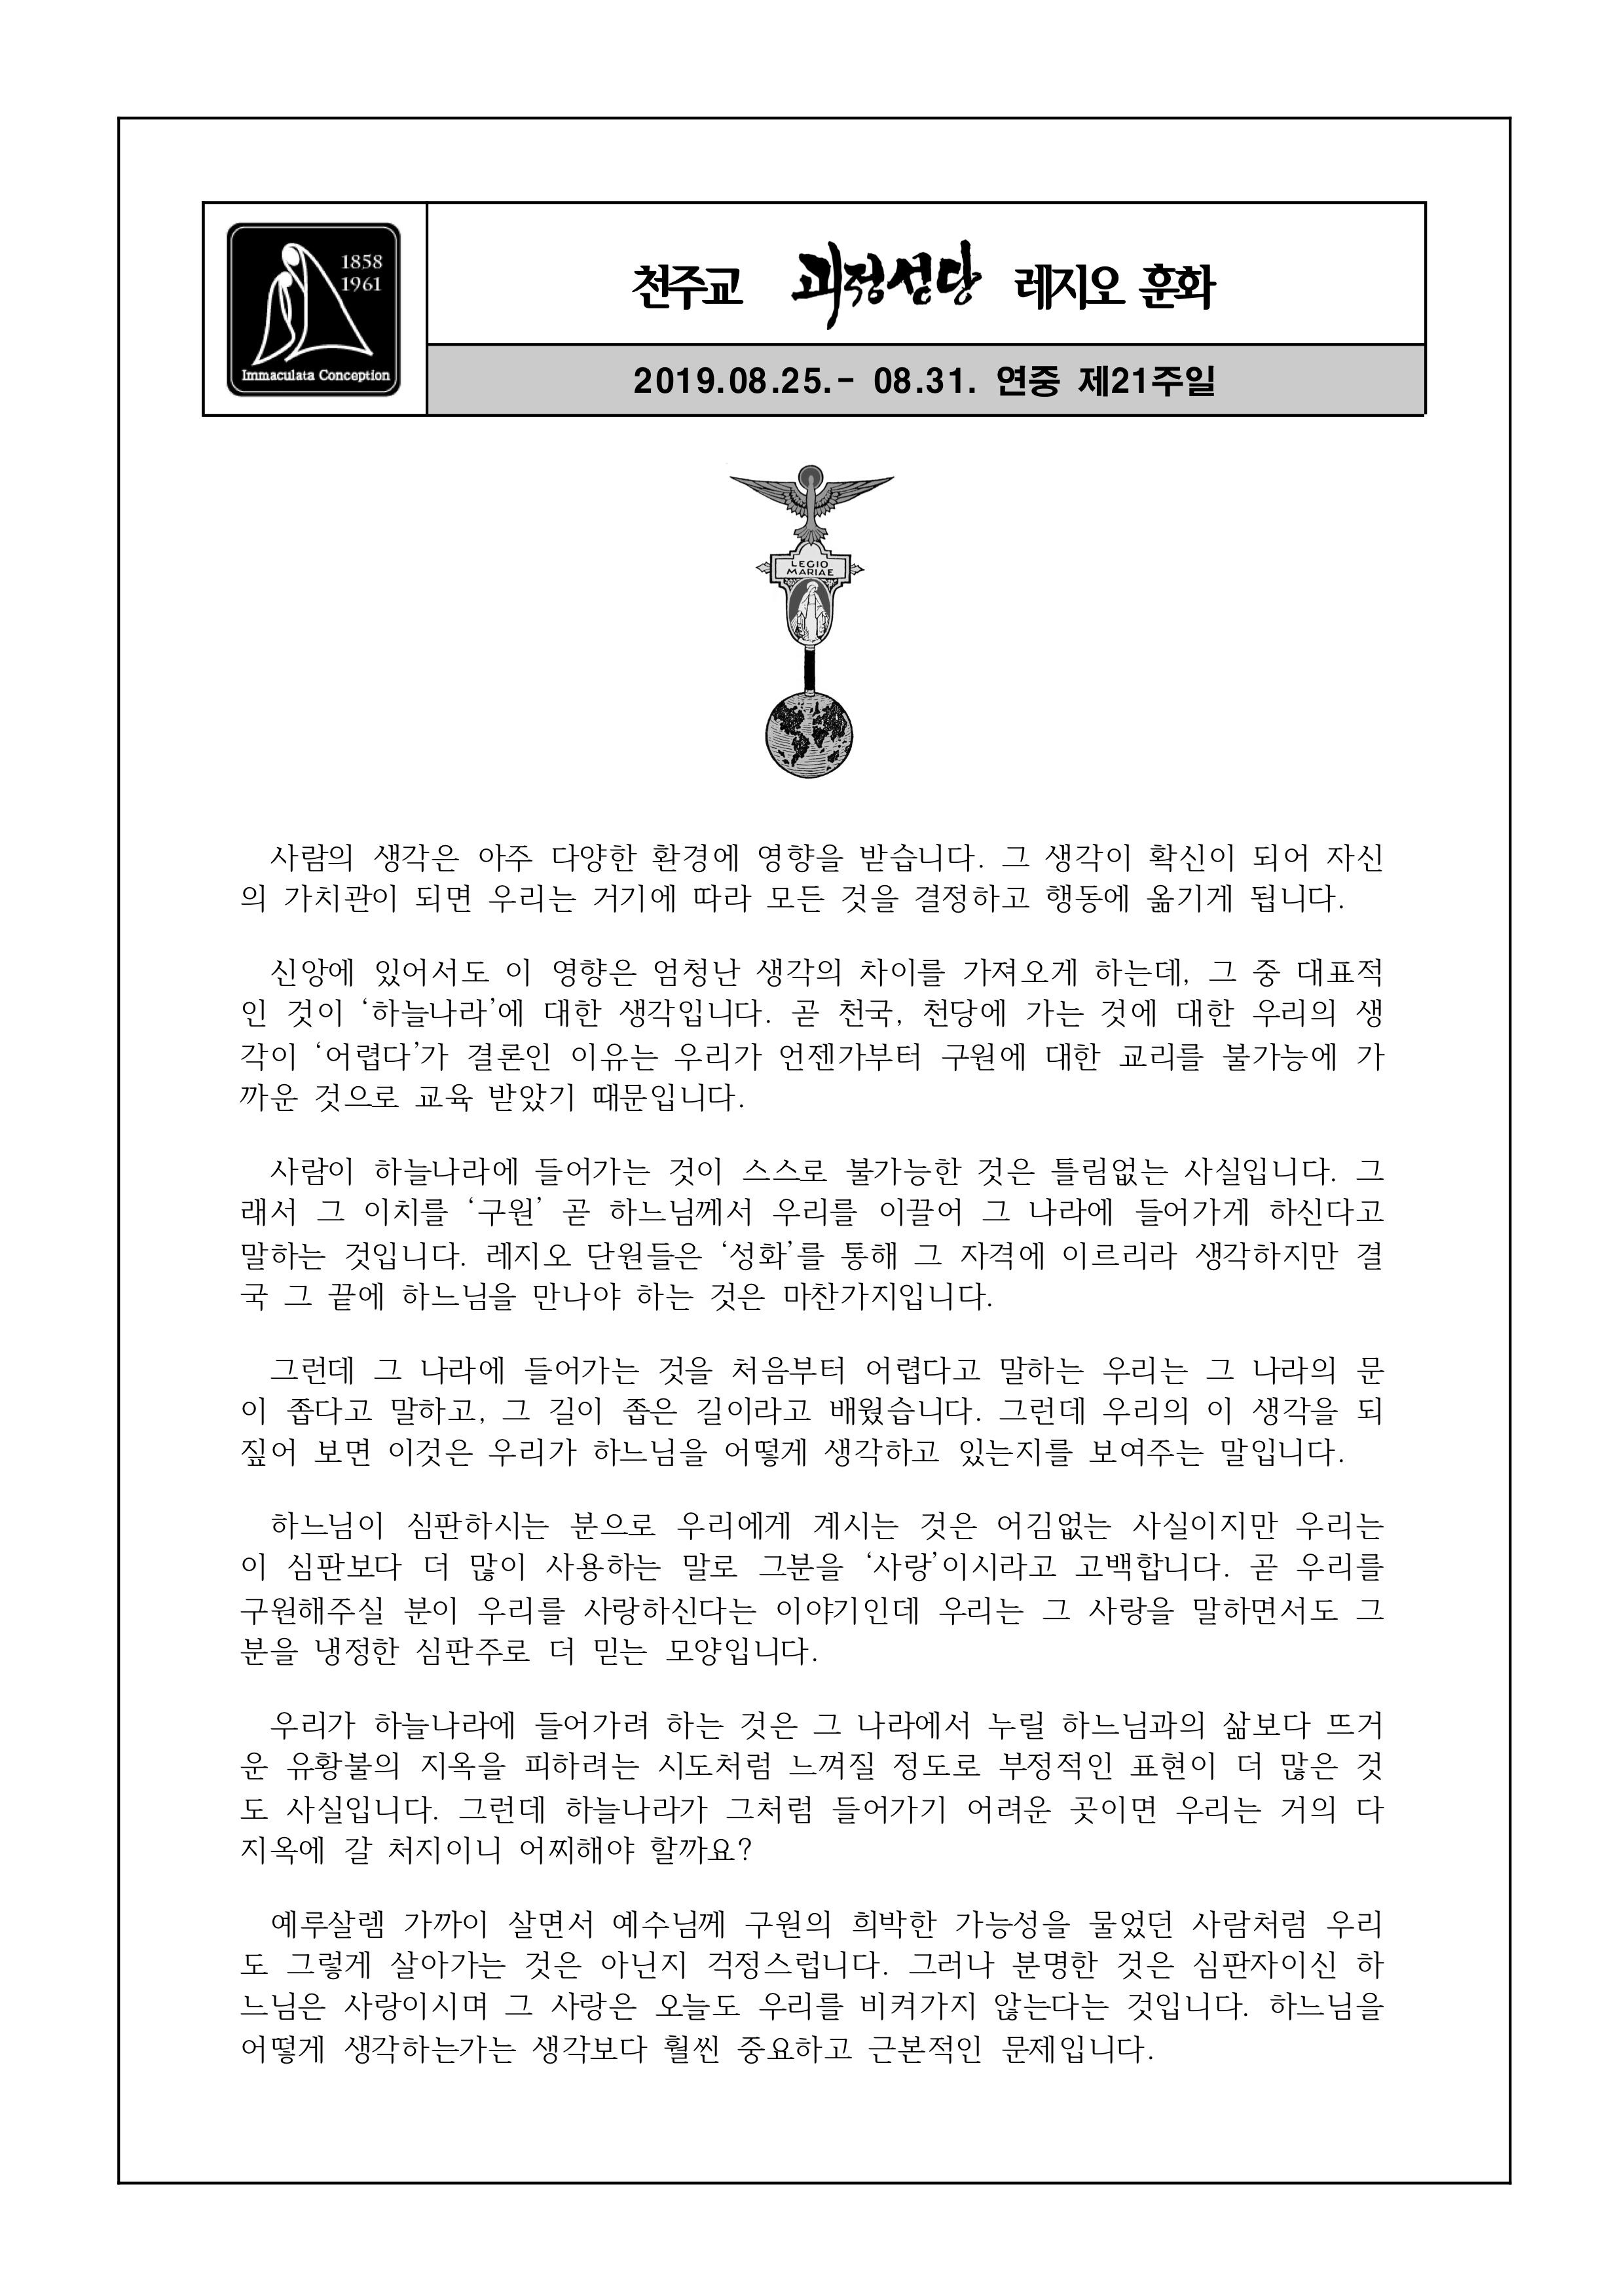 20190825 괴정성당 레지오 훈화.jpg